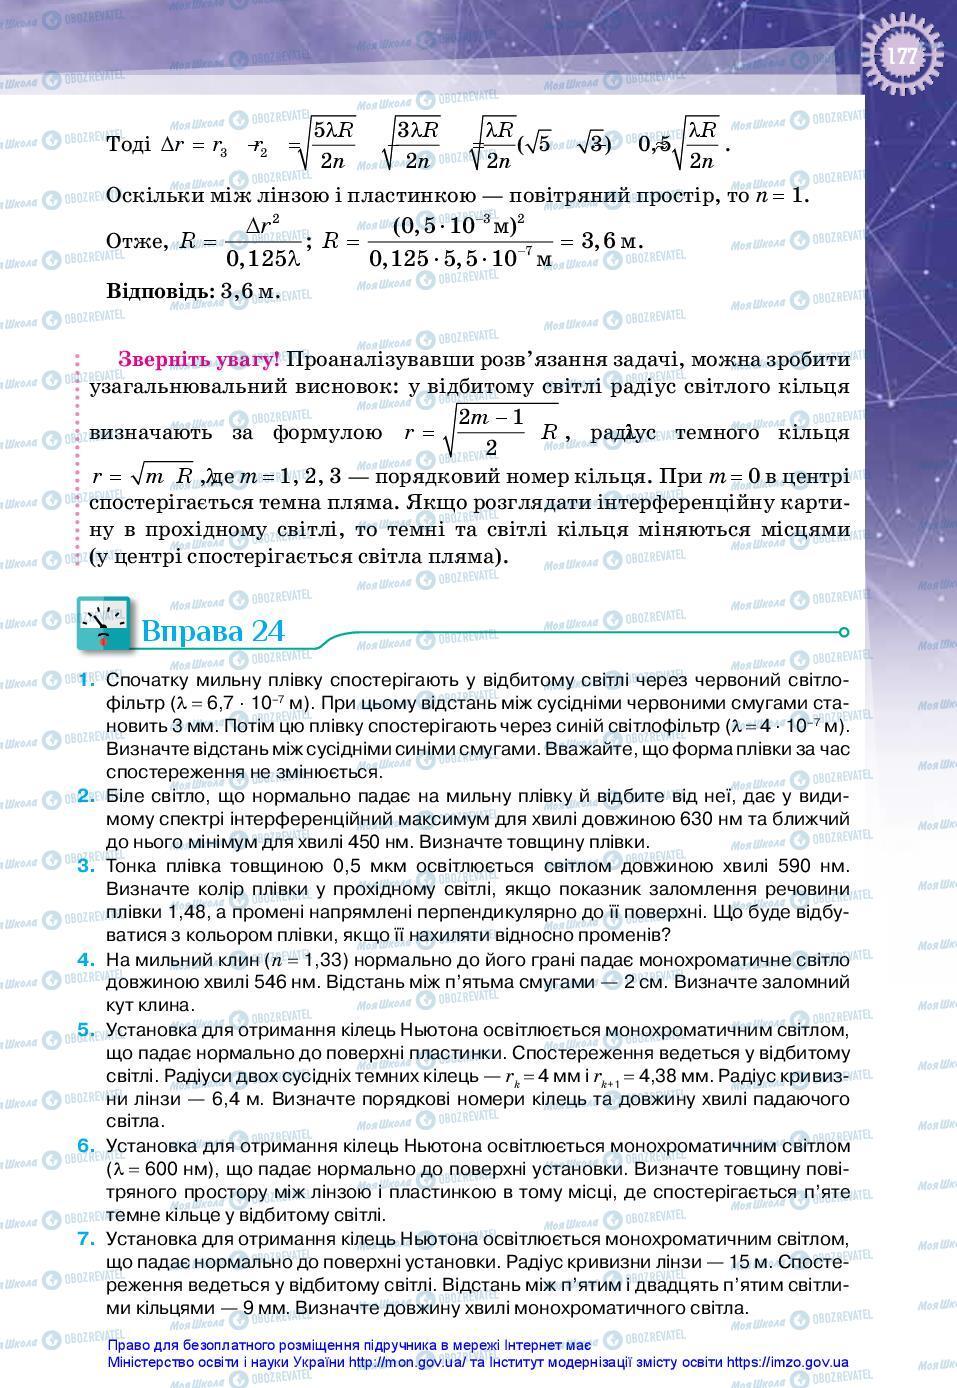 Підручники Фізика 11 клас сторінка 177